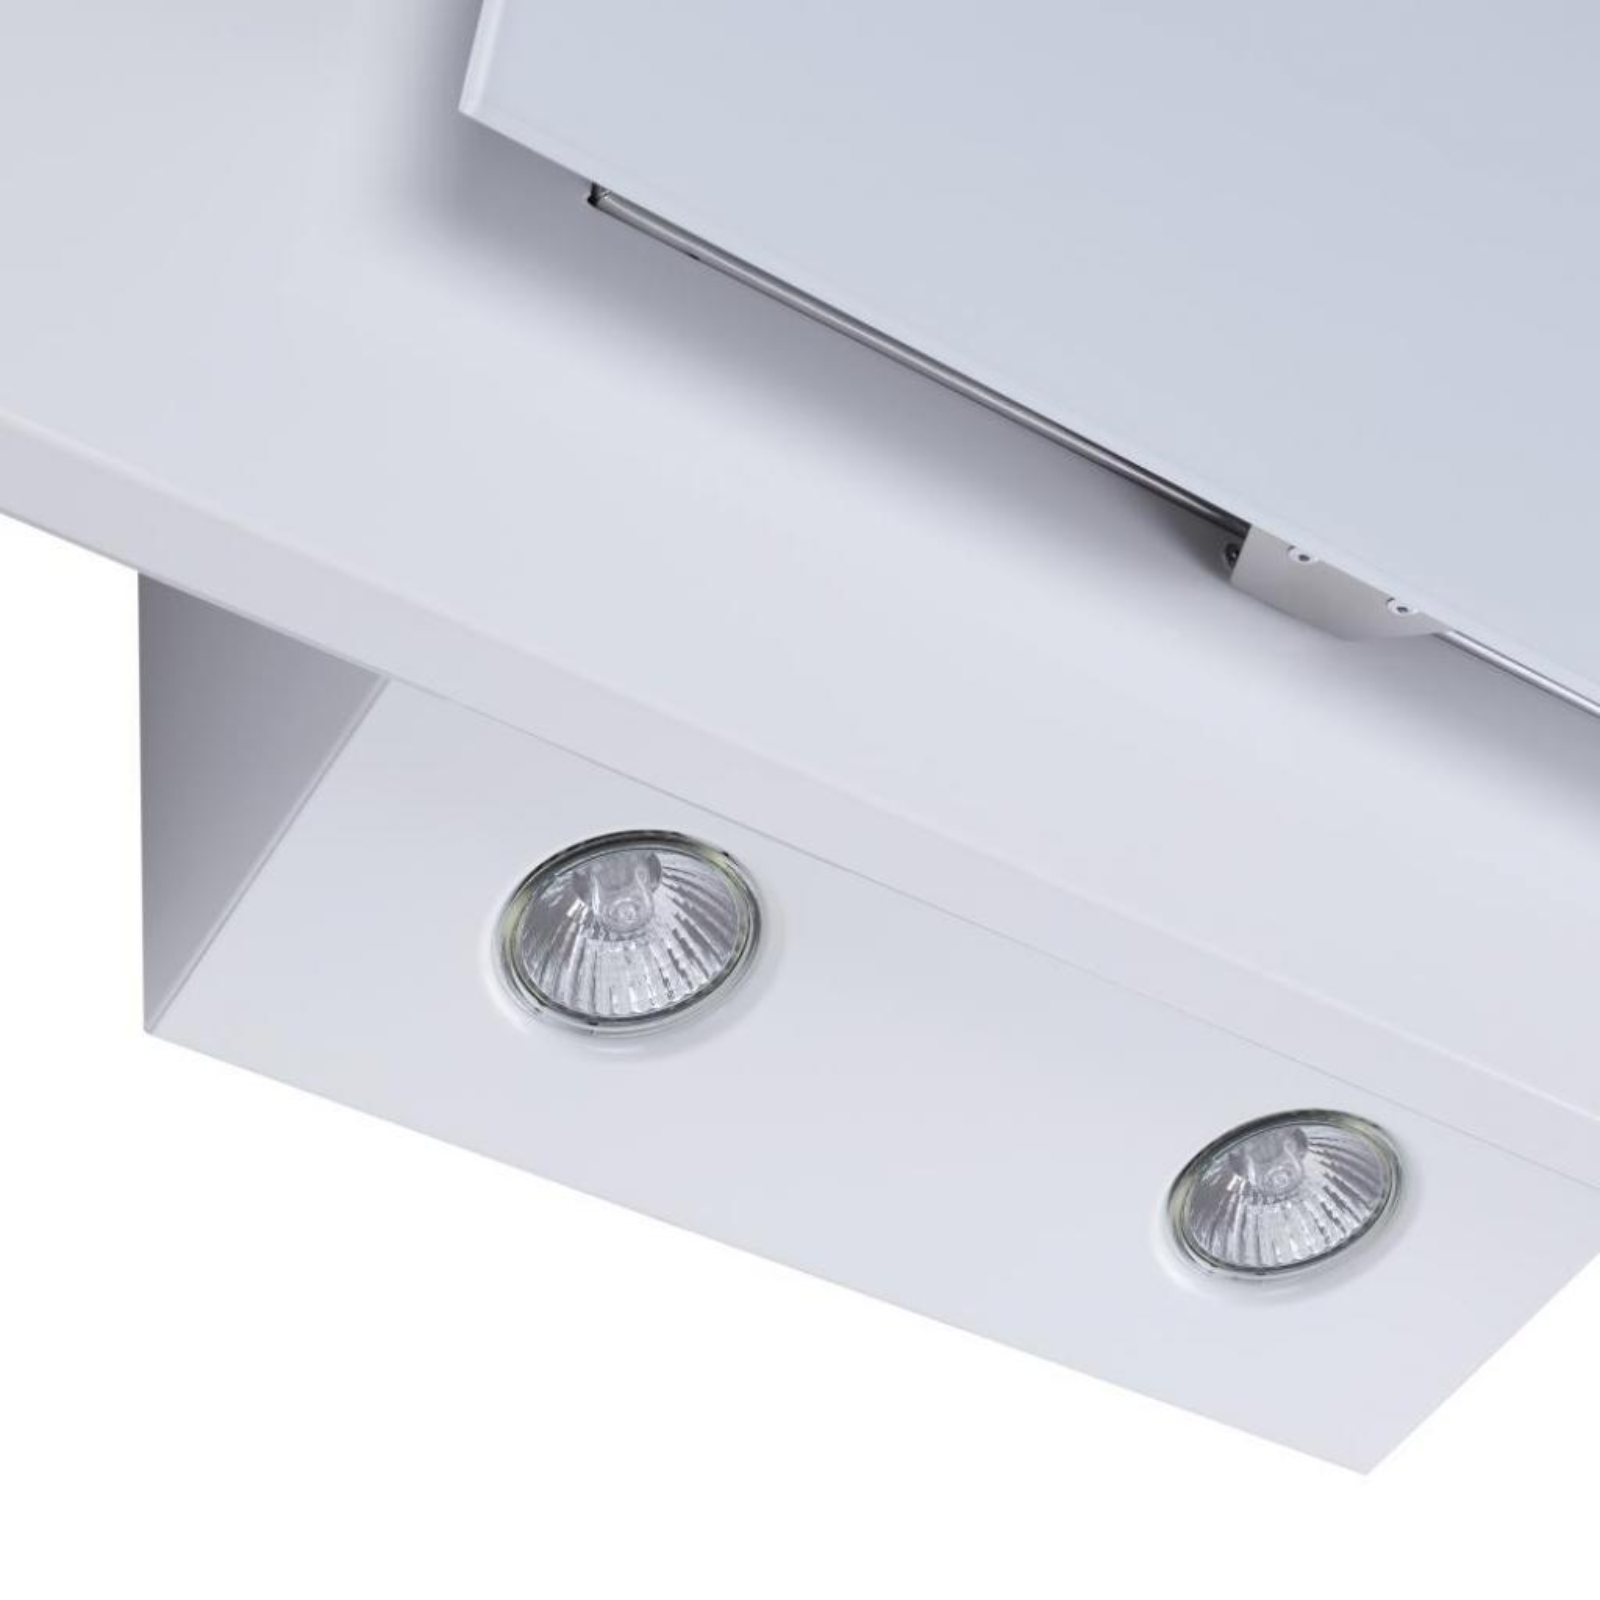 Вытяжка кухонная PERFELLI DN 6671 A 1000 W изображение 6